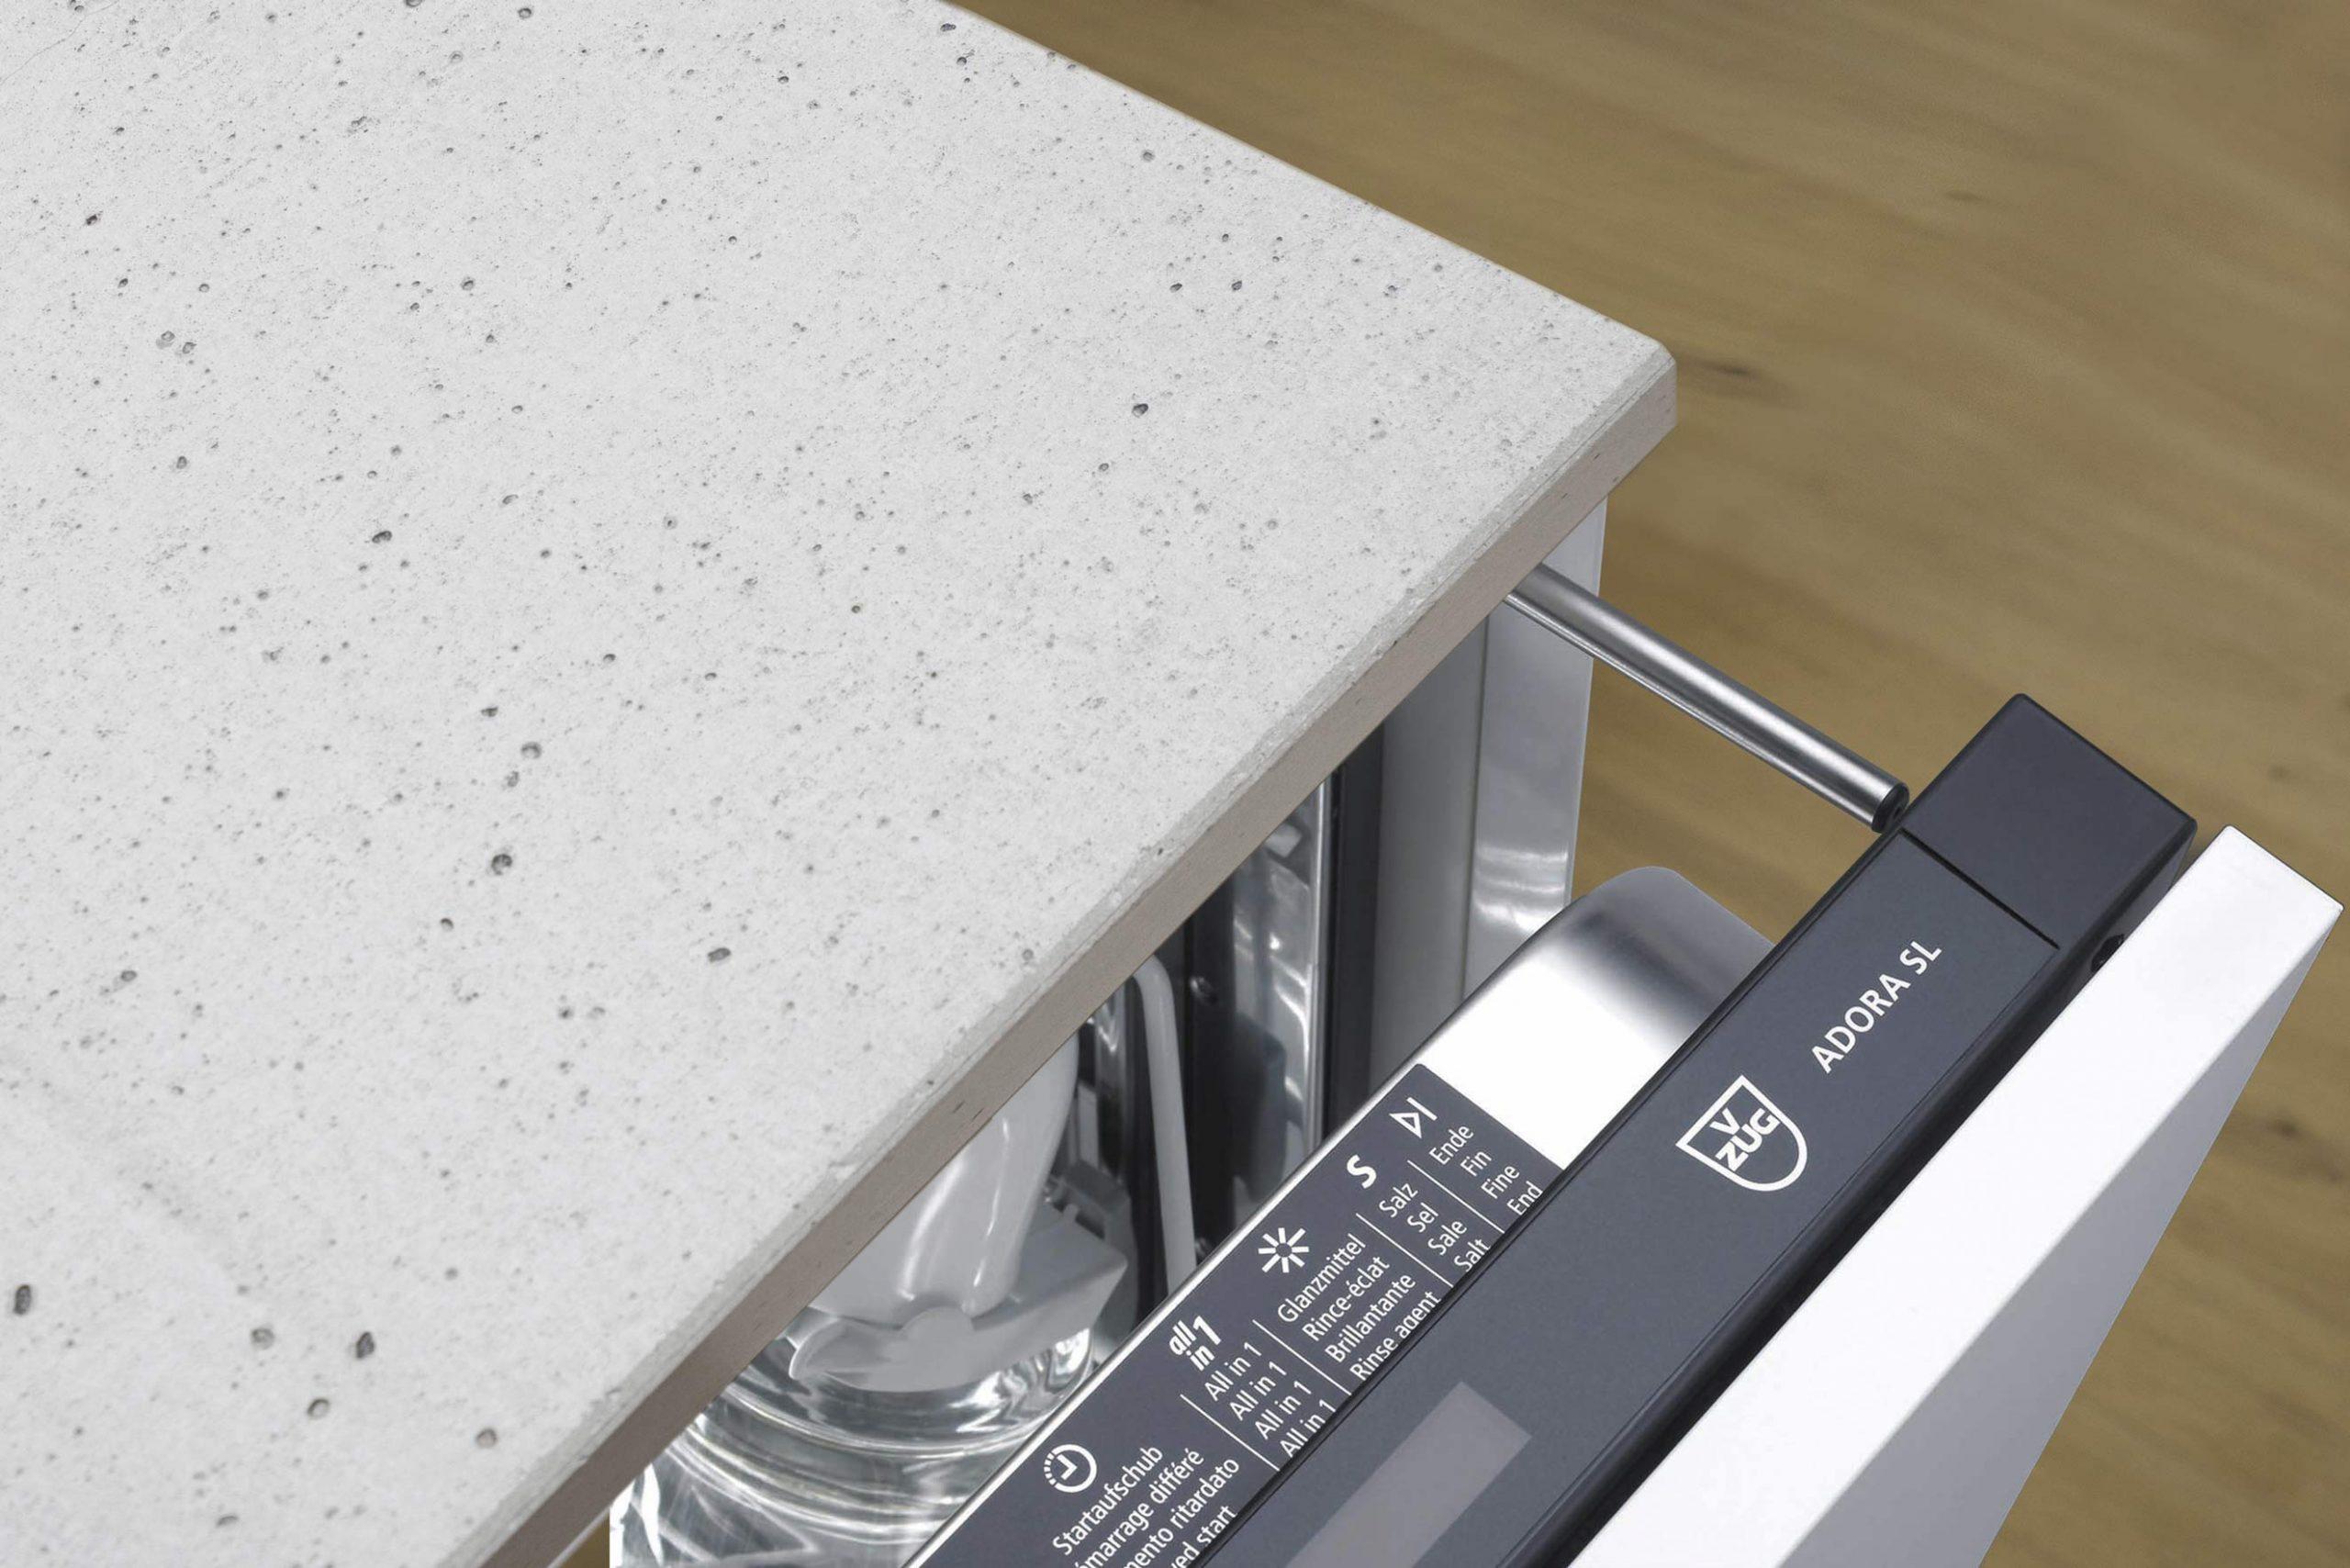 V-Zug dishwasher Adora SL